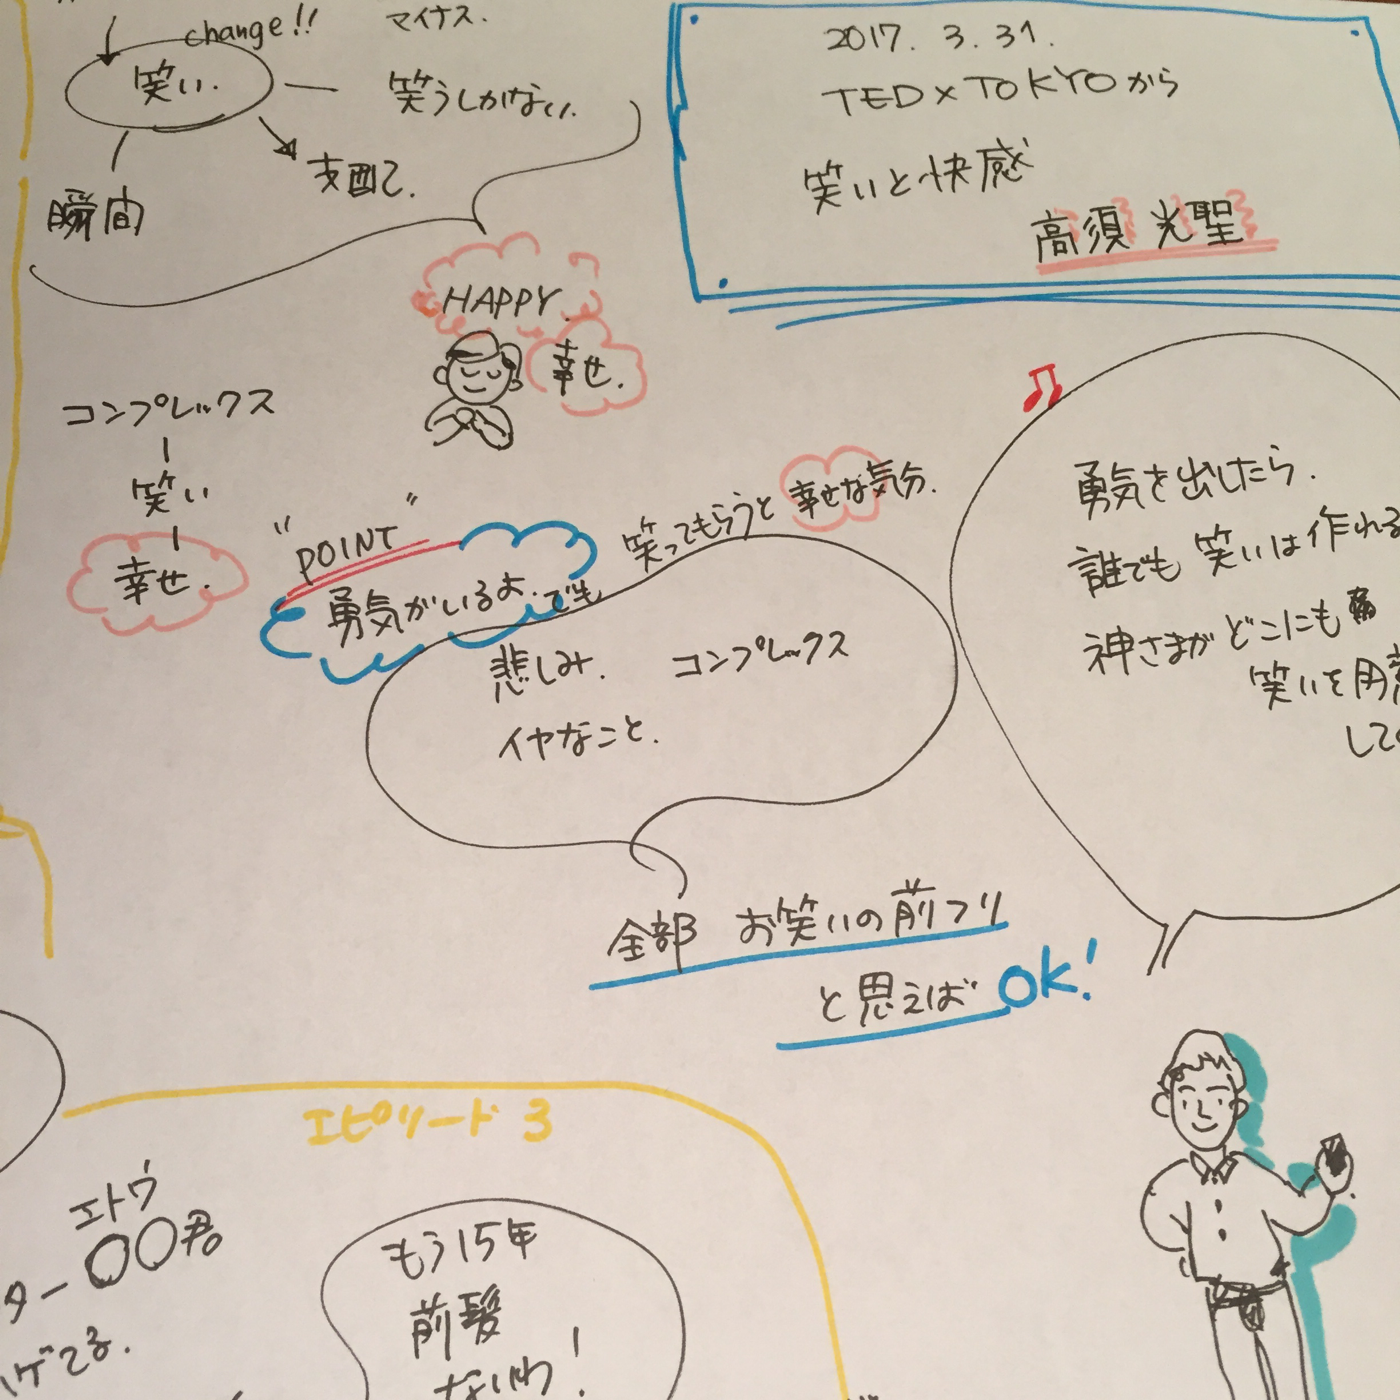 日本語のTEDをスピーチを聴き比べる。無料で聞ける魅力的なスピーチが色々あります。